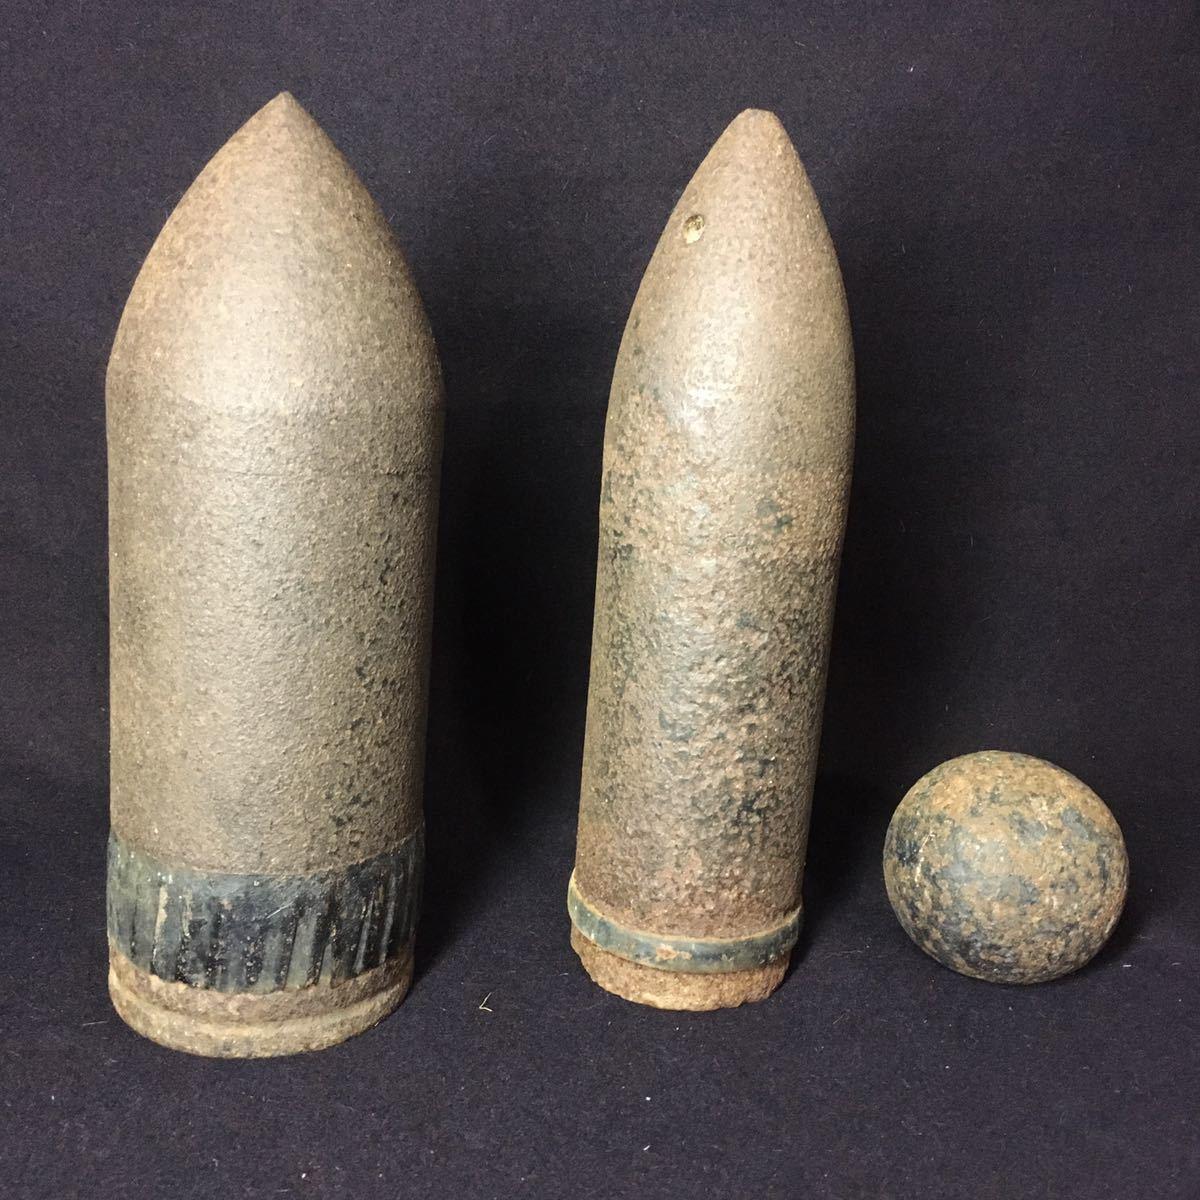 徹甲弾弾頭 砲弾 安全品 骨董品 時代 3点まとめて 旧日本軍_画像6